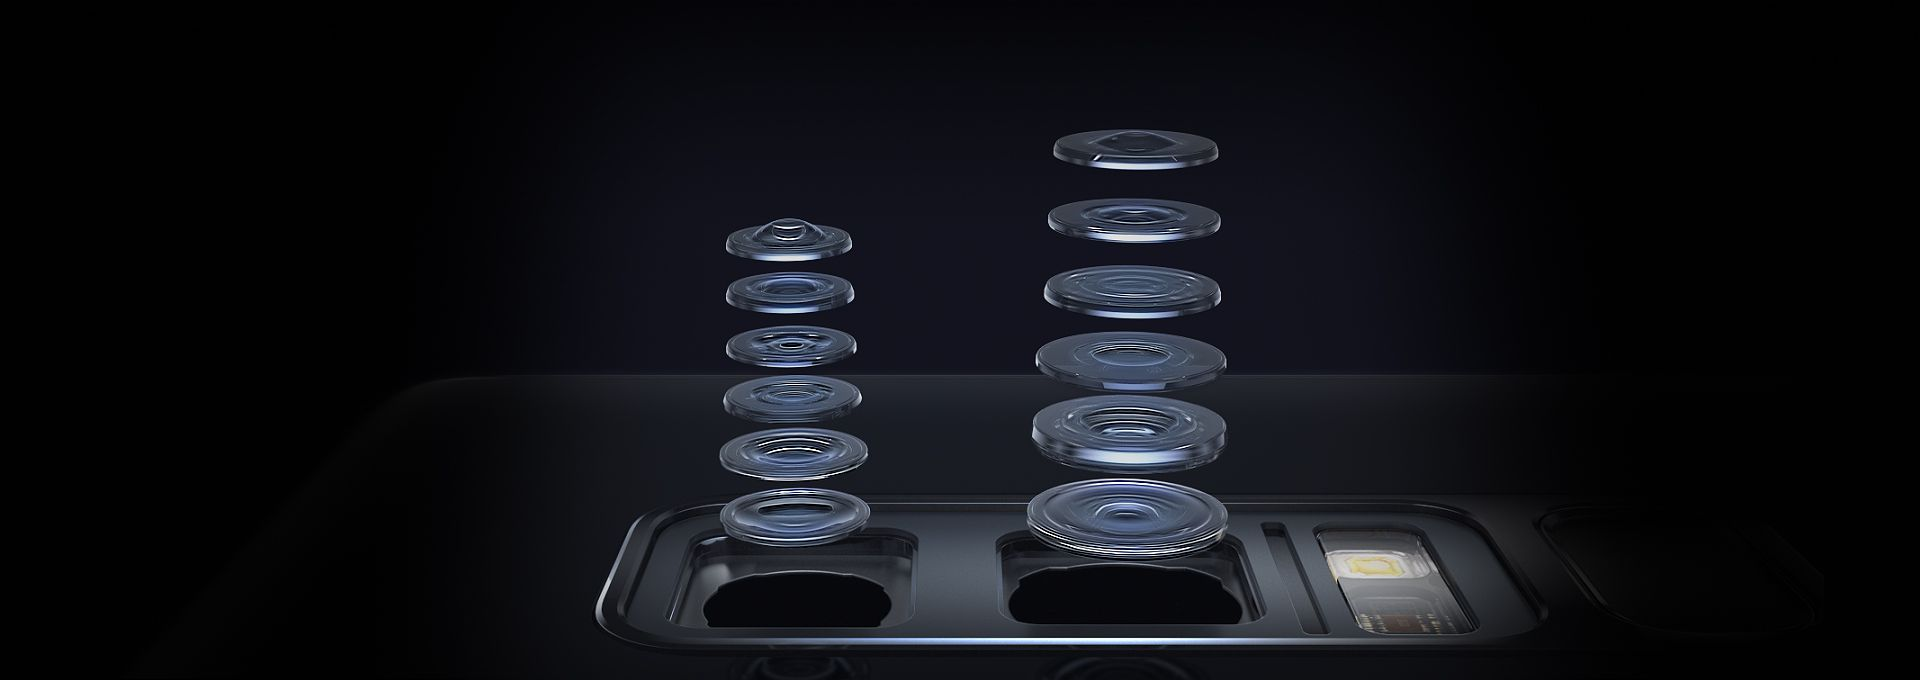 Note 8 Dual Camera